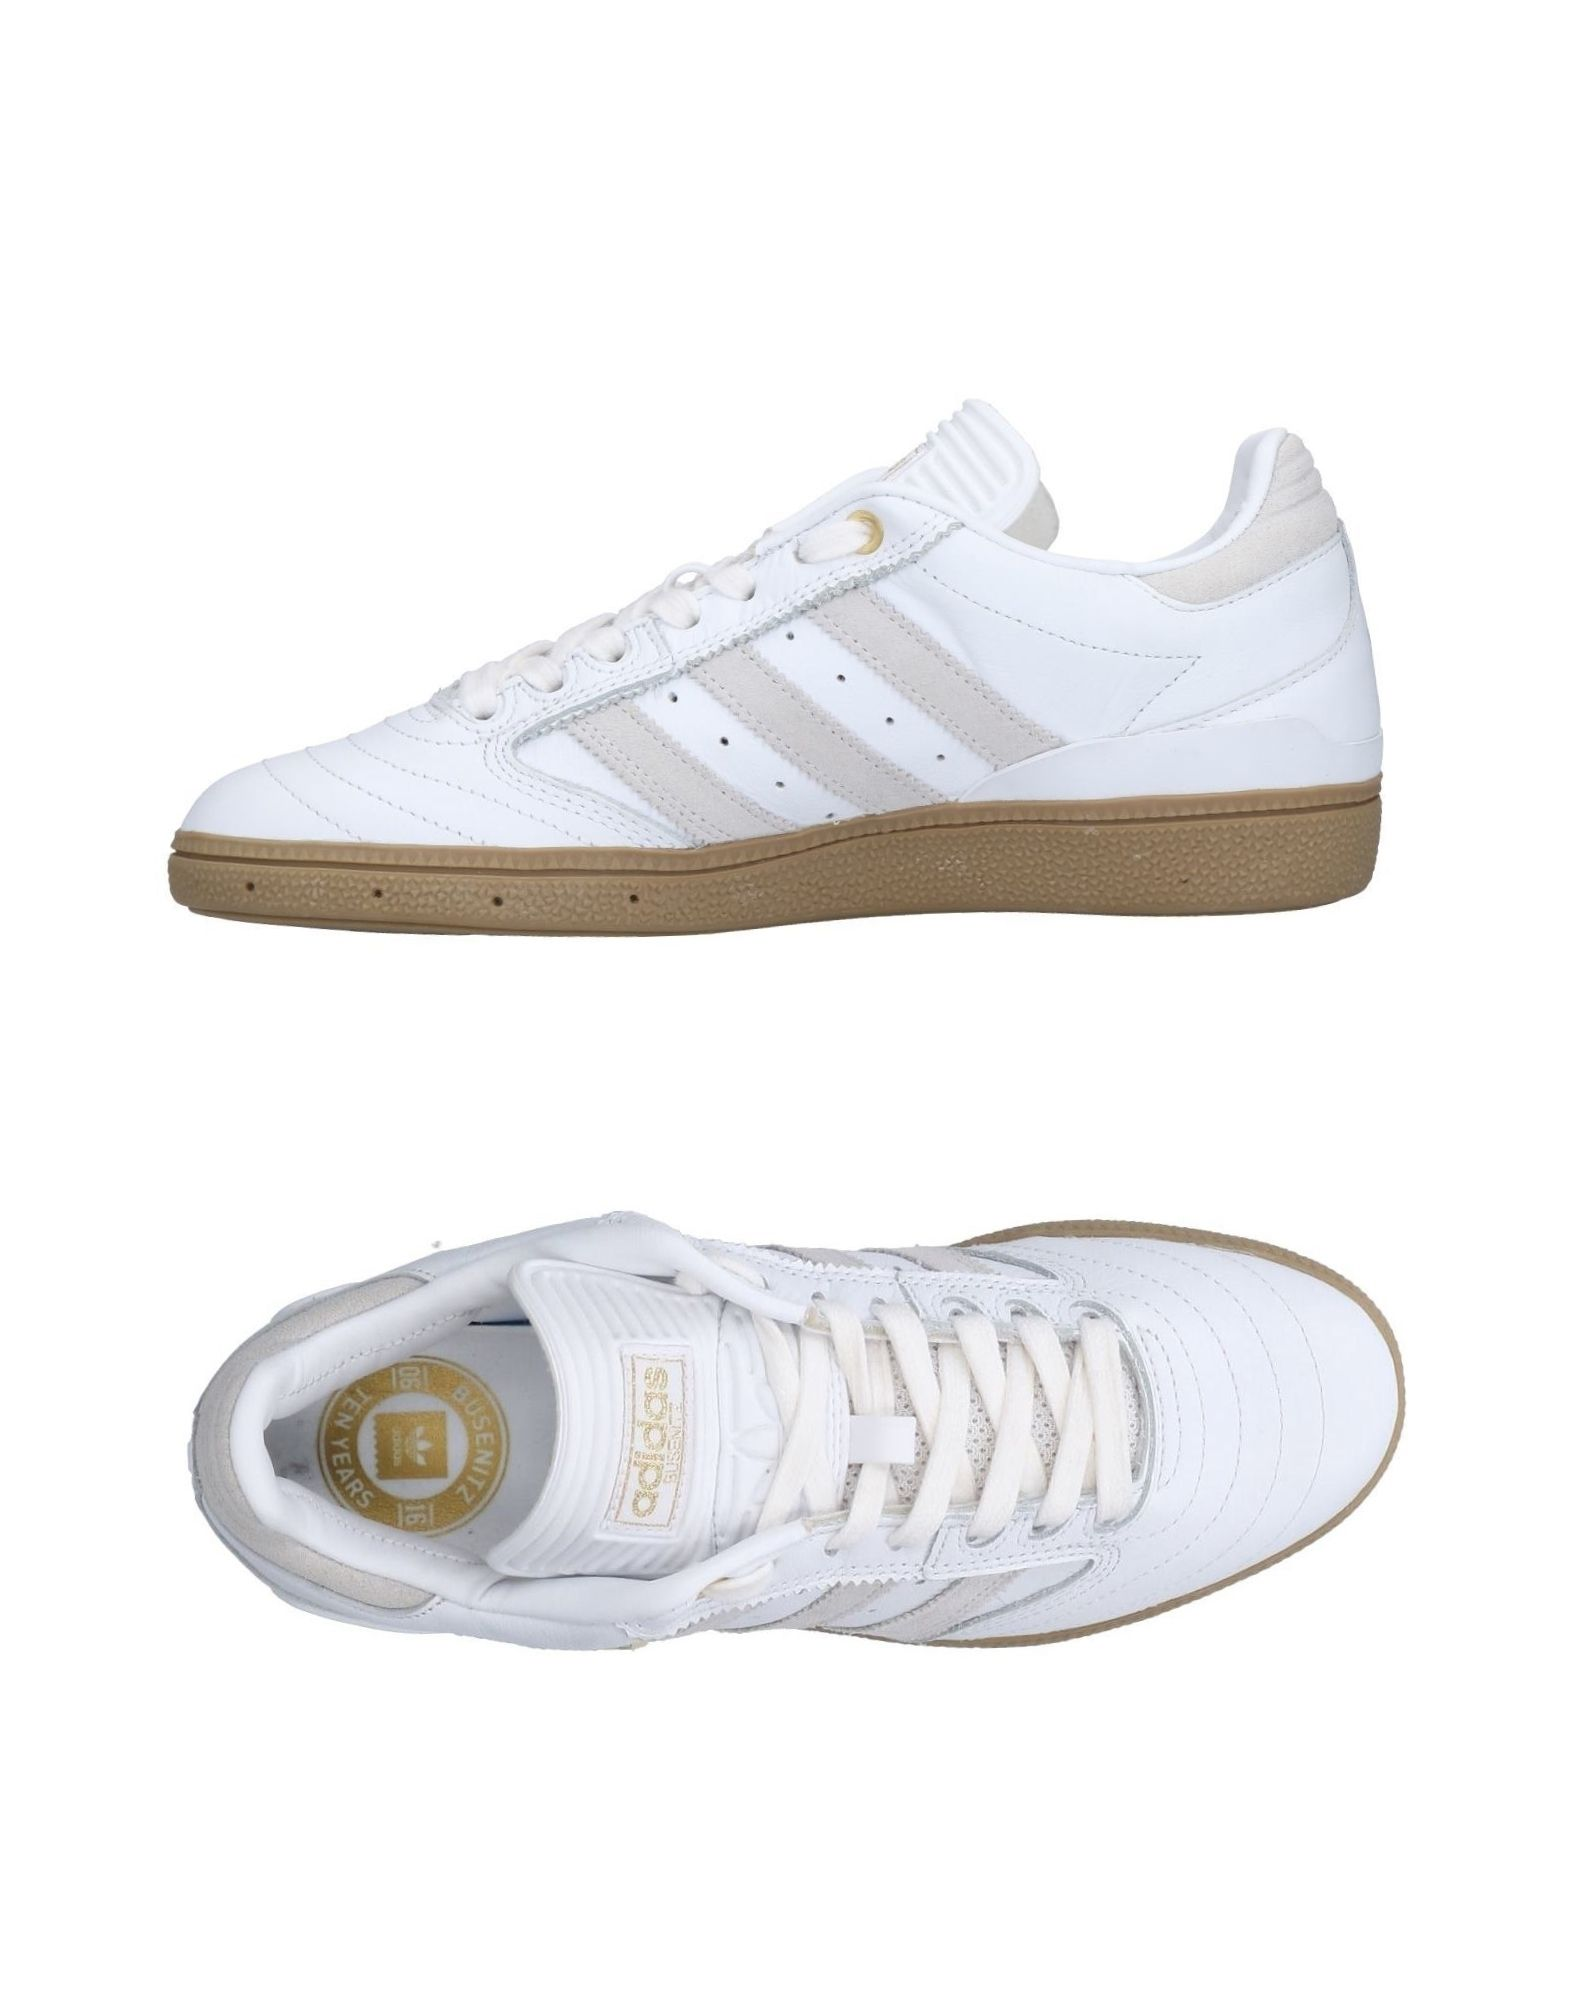 Moda Sneakers Adidas Uomo - 11501144GP